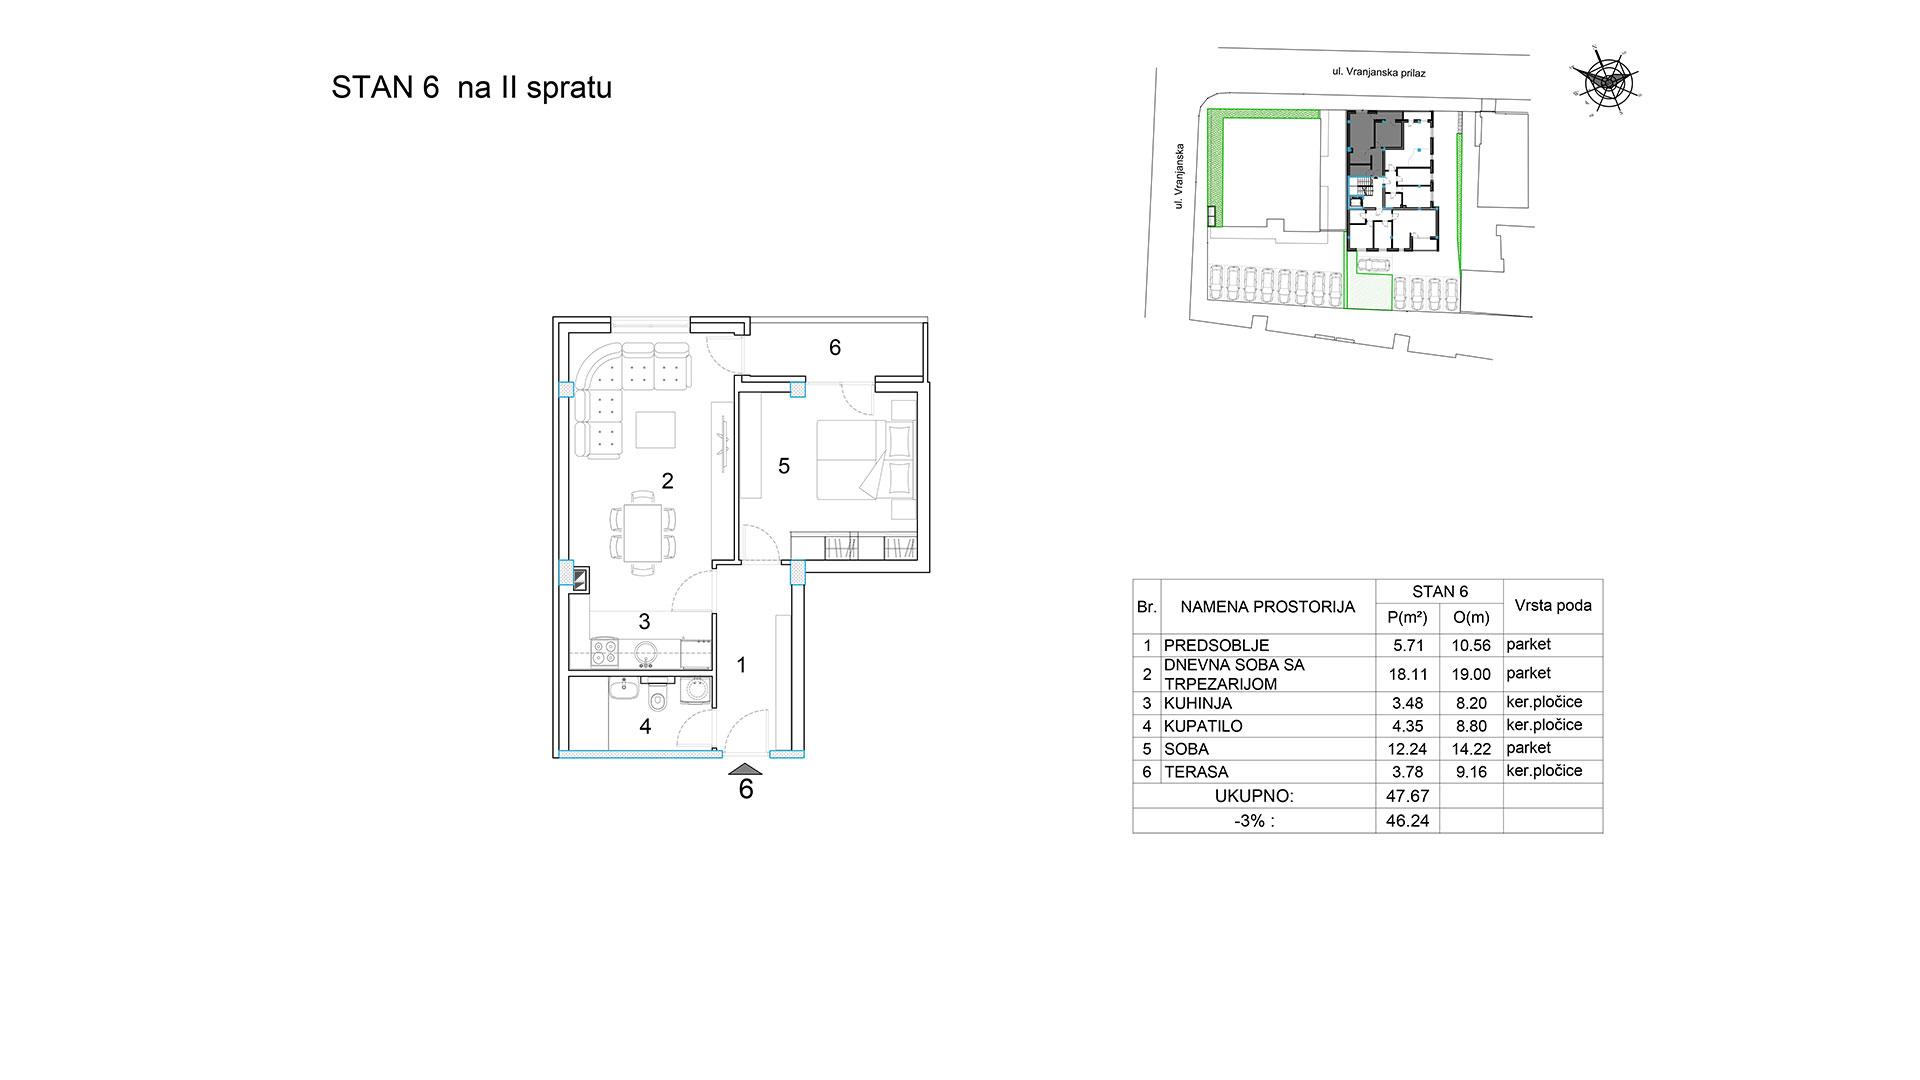 Objekat u Vranjanskoj 2A - stan 6